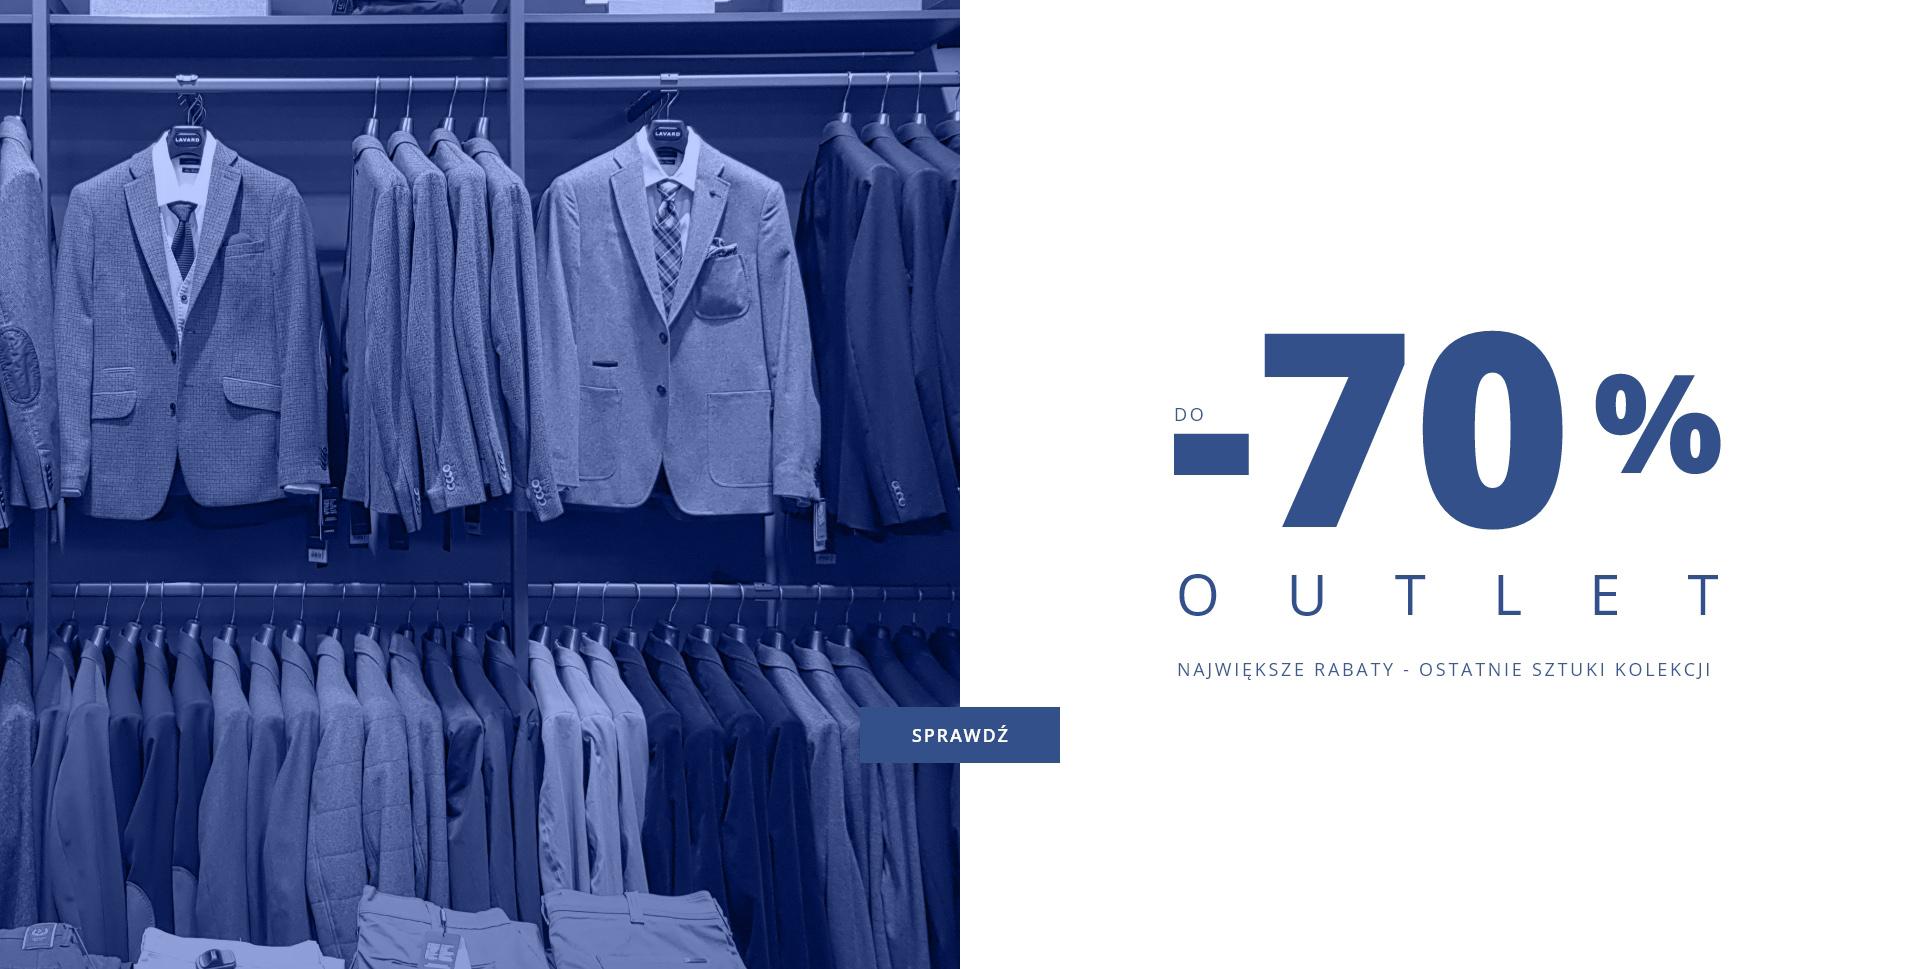 Lavard: wyprzedaż do 70% zniżki na odzież damską i męską z kategorii outlet